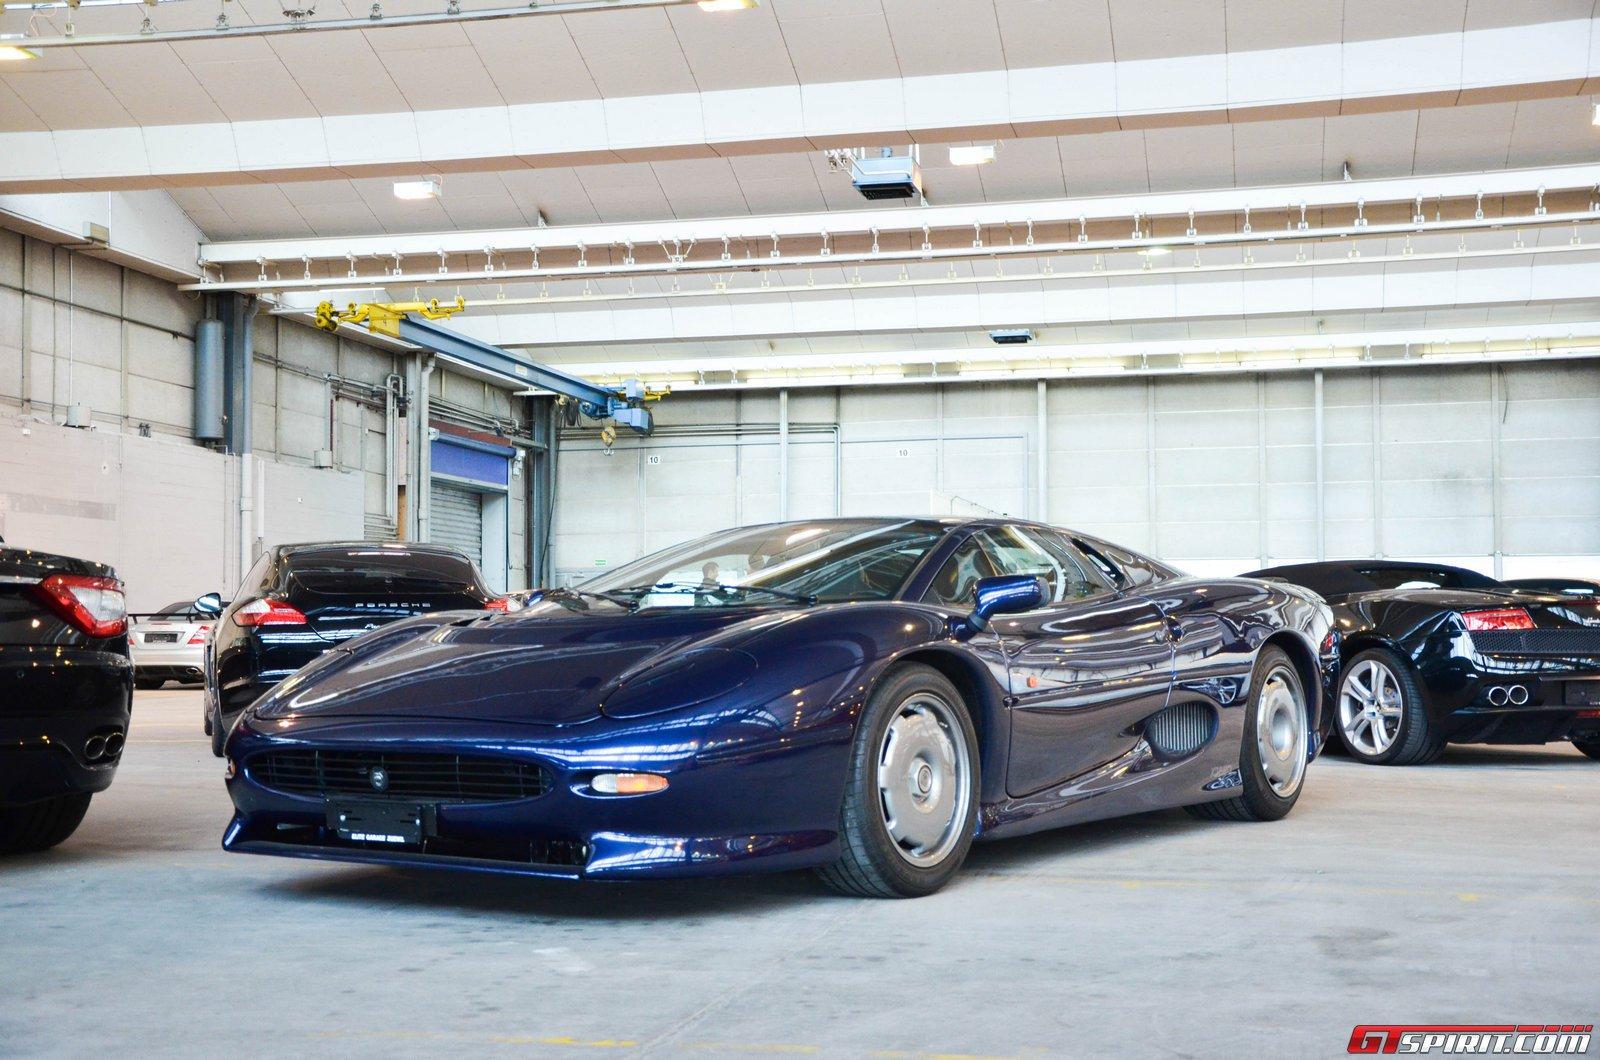 Gtspirit visits elite garage part 2 gtspirit - Garage jaguar montpellier ...